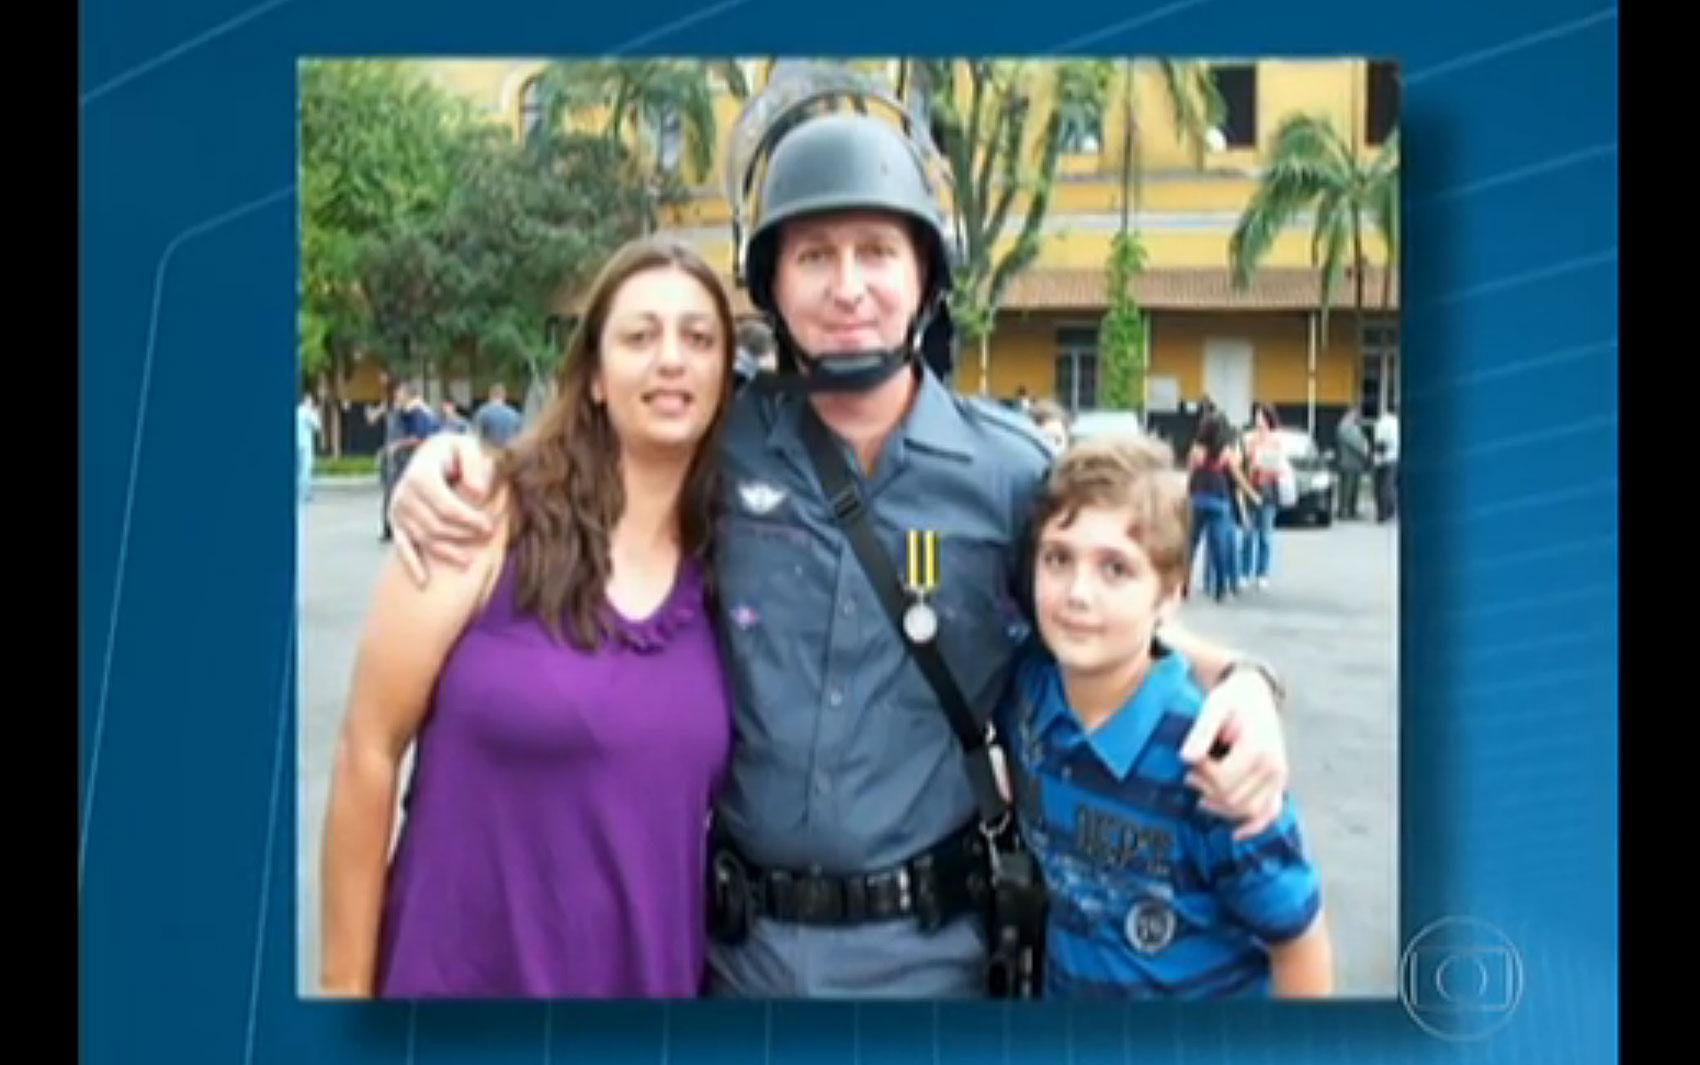 Fotografia mostra o casal de policiais militares Andréia Regina Bovo Pesseghini, de 36 anos, e Luís Marcelo Pesseghini, com o filho, Marcelo Pesseghini, de 13 anos